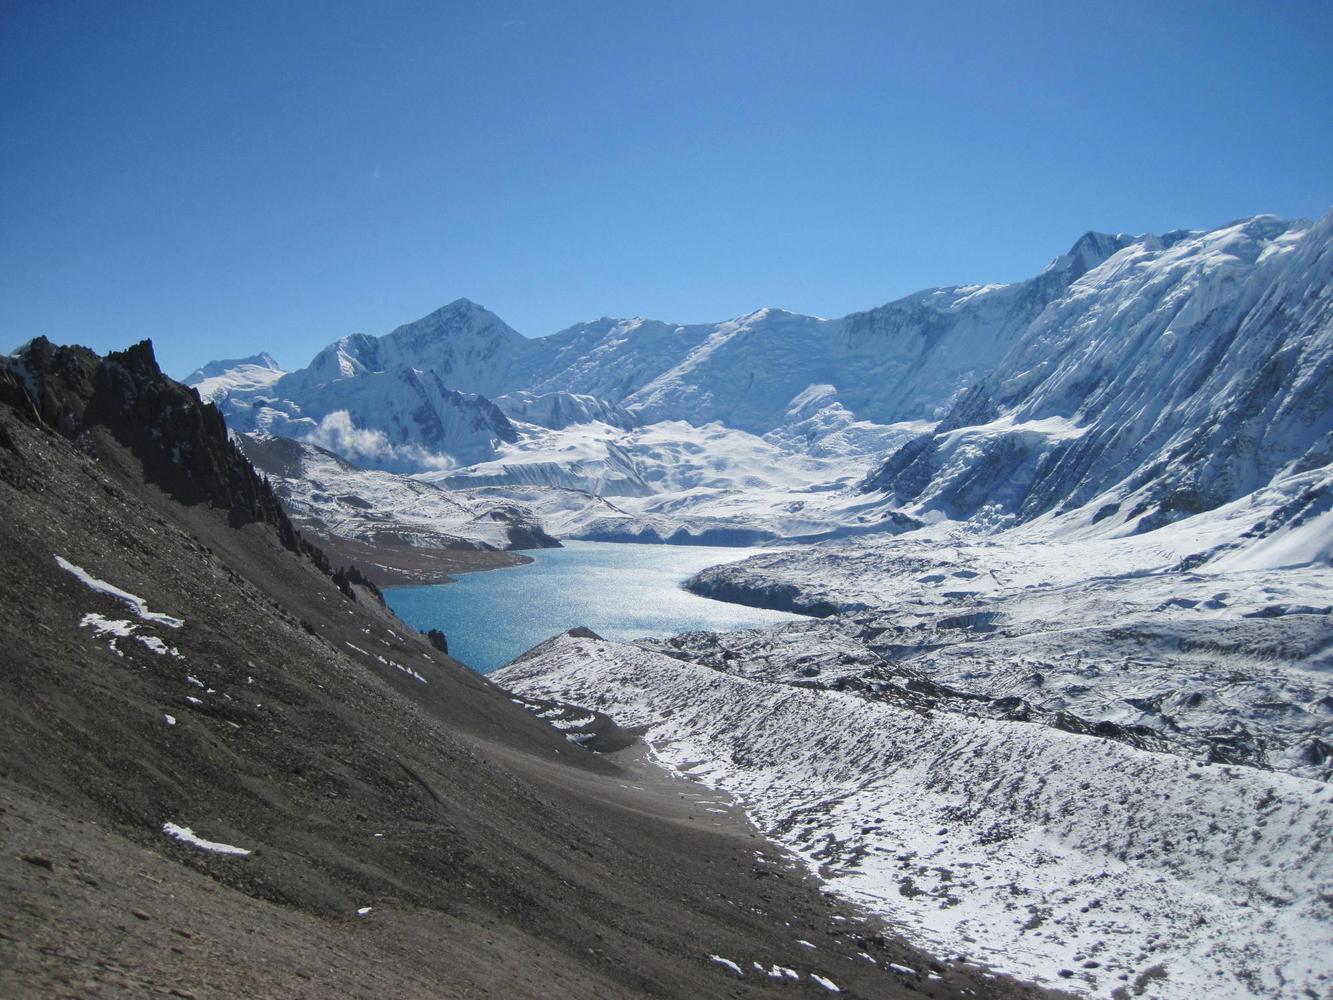 Tilicho depuis col de Mesokanto, Nepal - Jean-Luc Moreau